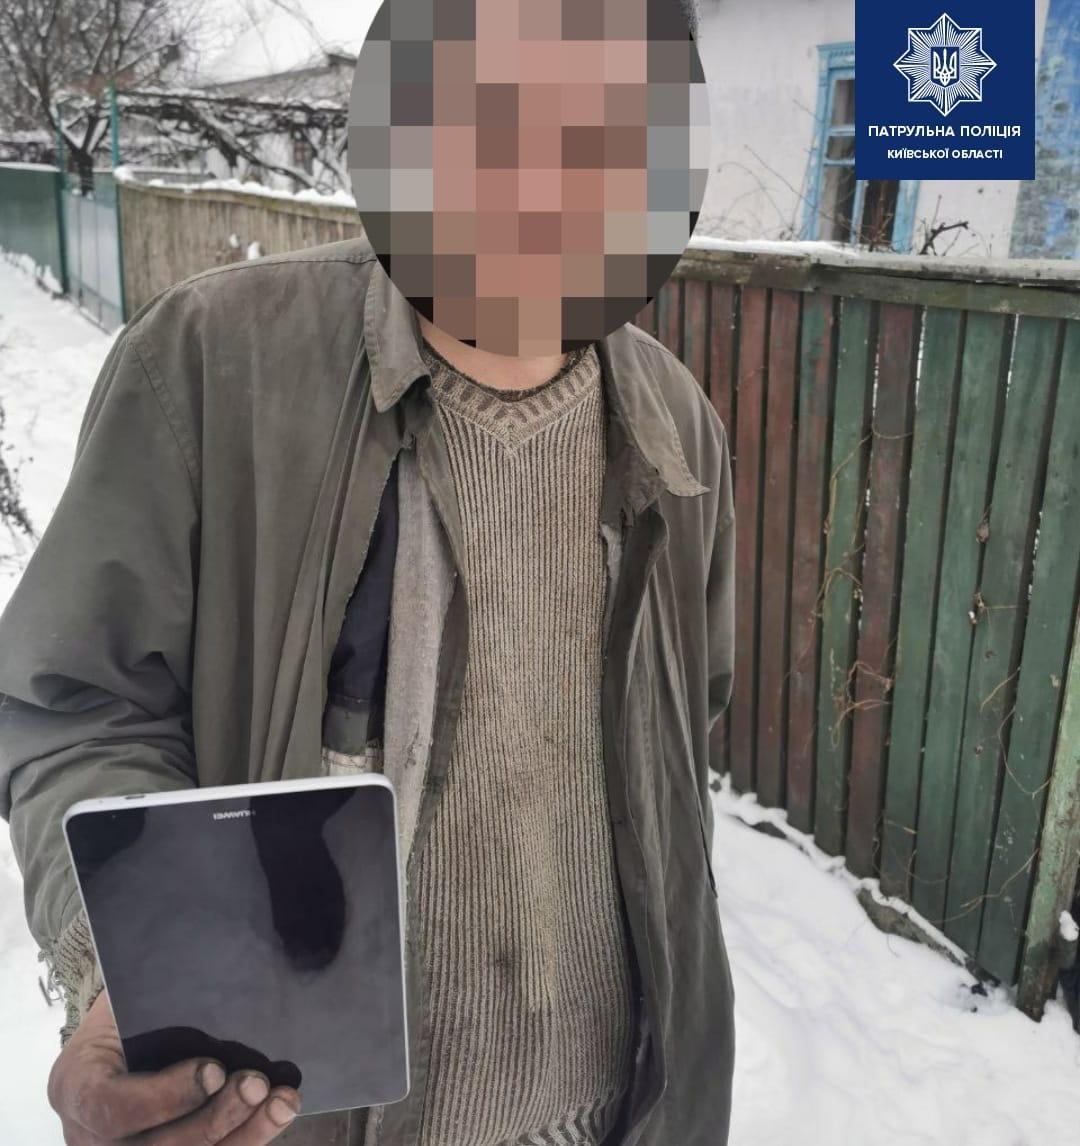 У Білій Церкві жінку пограбував знайомий - Поліція, крадіжка - 145922613 2008956845944565 199917827935827720 o